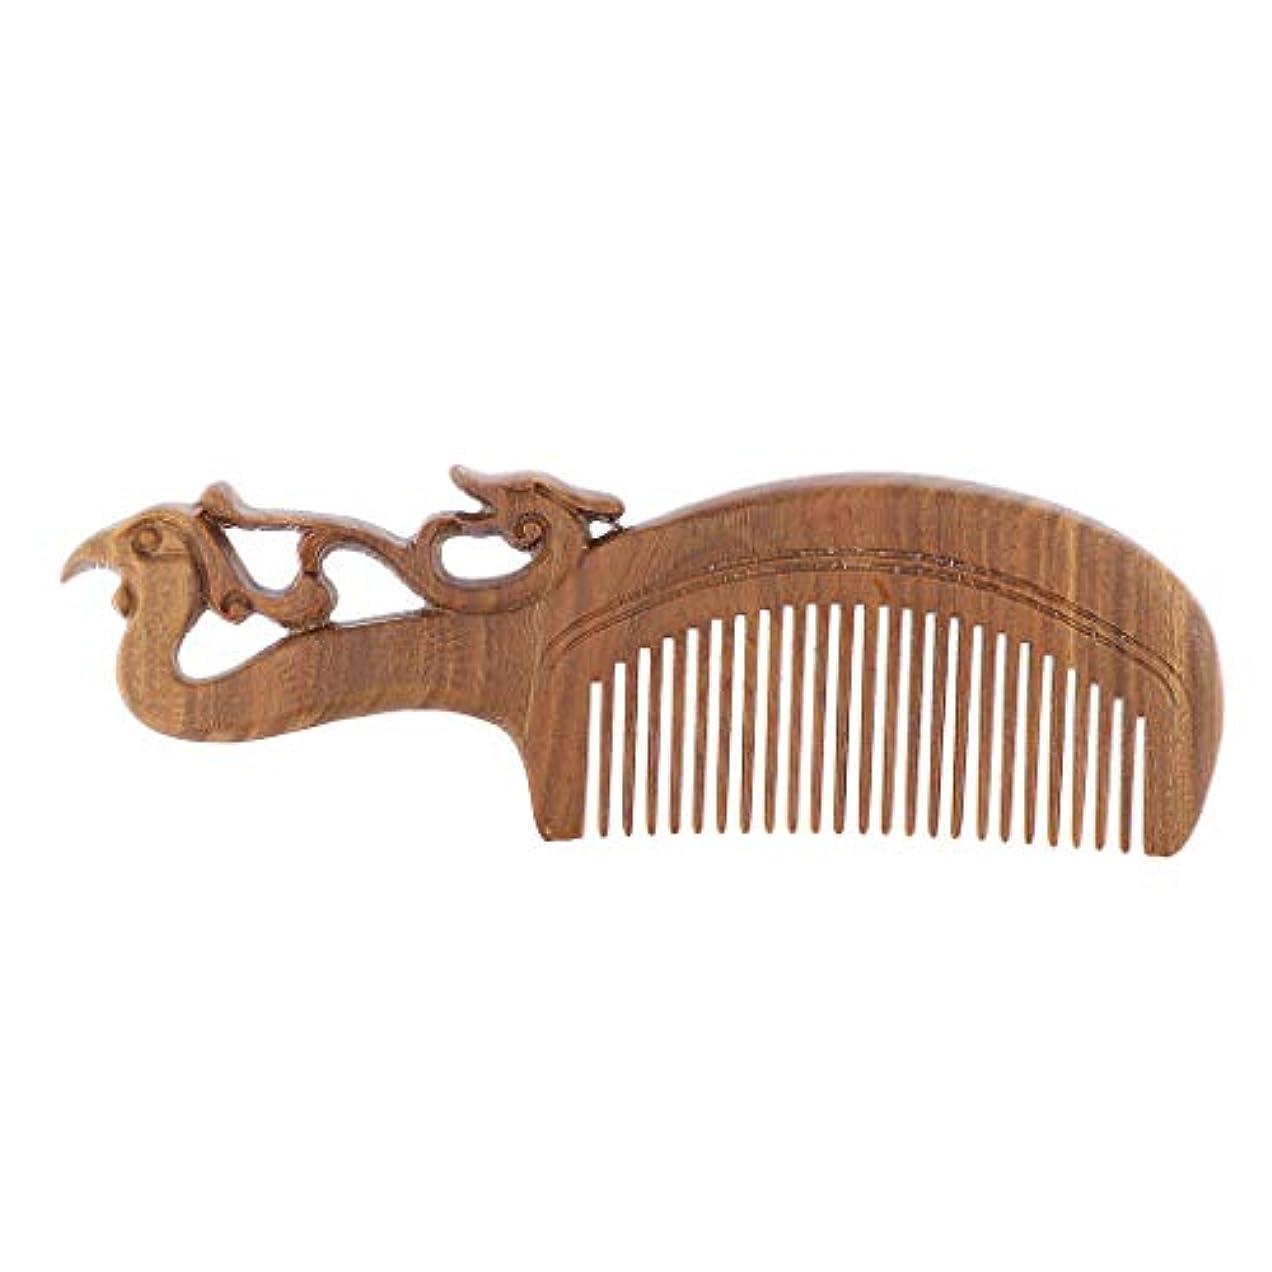 キー韓国用量手作り 木製櫛 ヘアブラシ ヘアコーム 頭皮マッサージ レトロ 4タイプ選べ - 17 x 5.5 x 1.2 cm